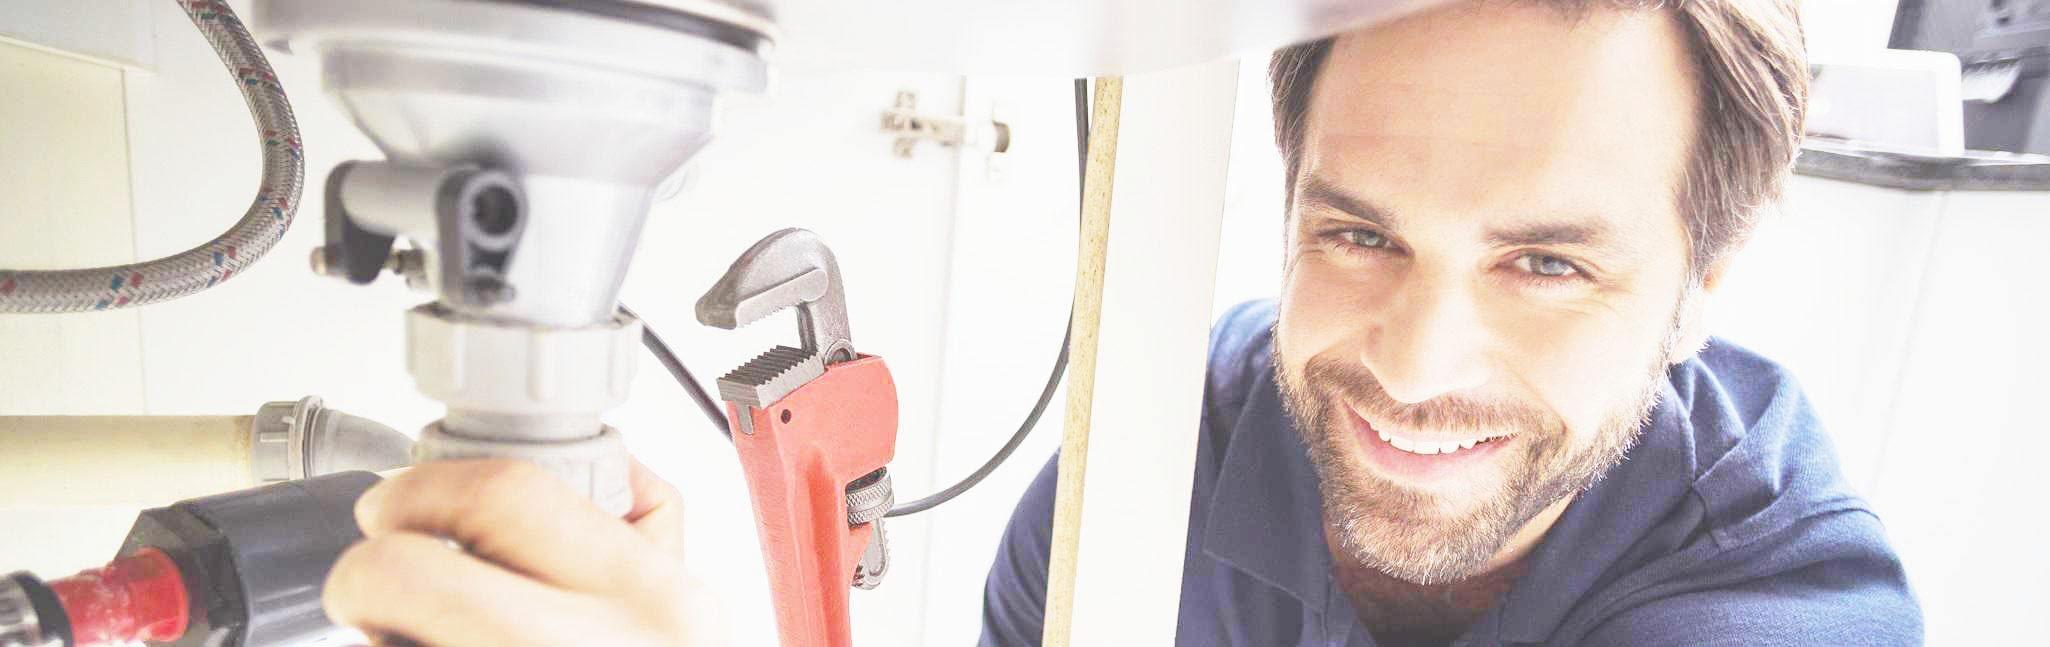 Les qualités d'un bon plombier